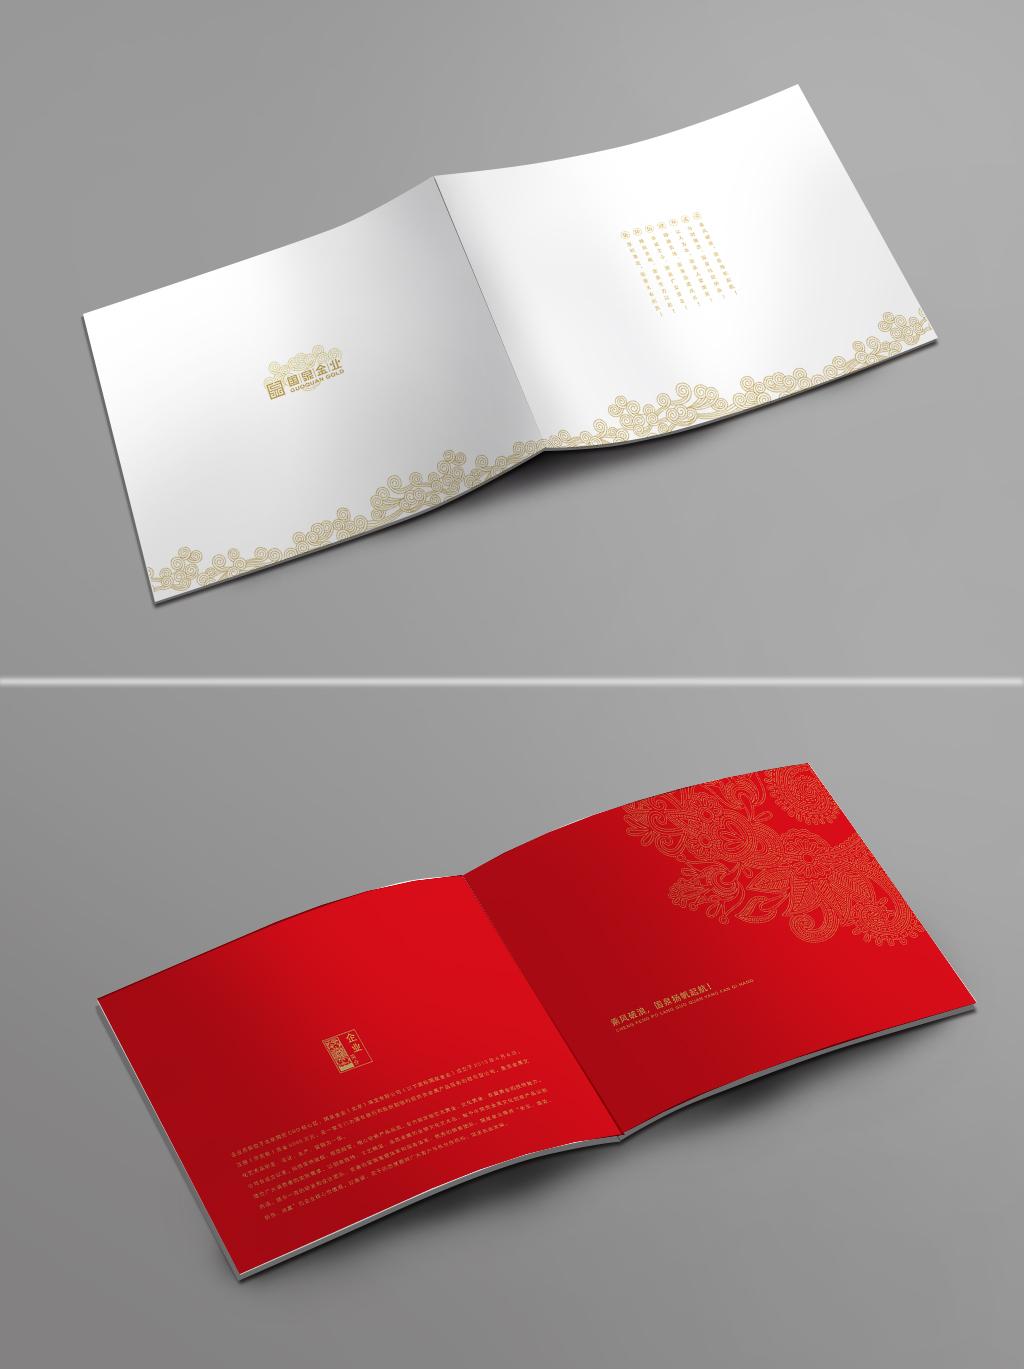 国泉金业产品宣传册设计